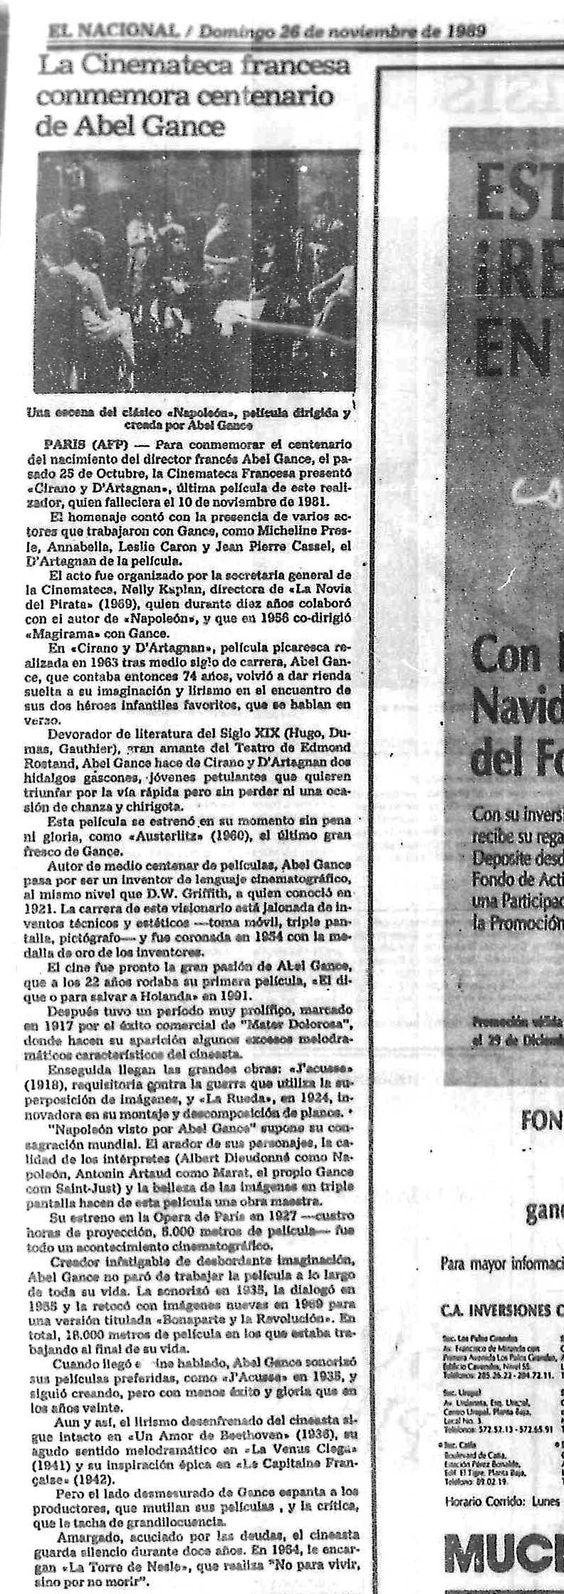 La cinemateca francesa conmemora centenario de Abel Gande. 26 de noviembre de 1989.